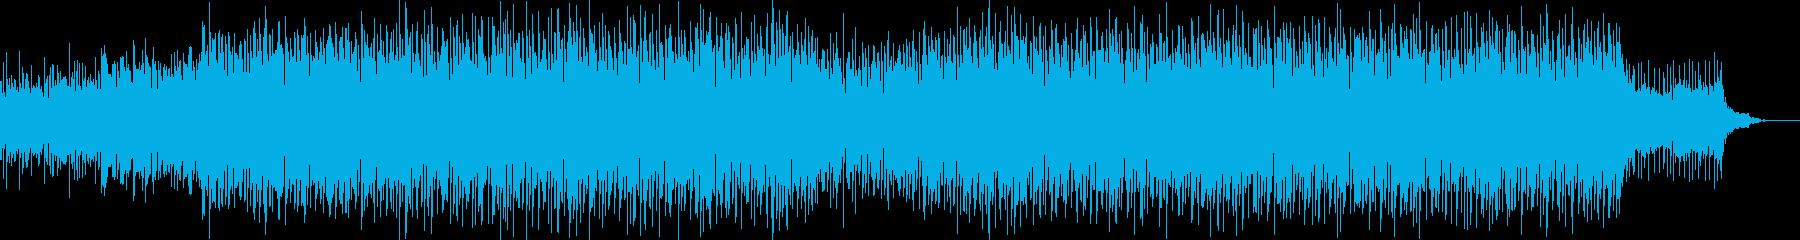 ディストピア近未来エレクトロミュージックの再生済みの波形